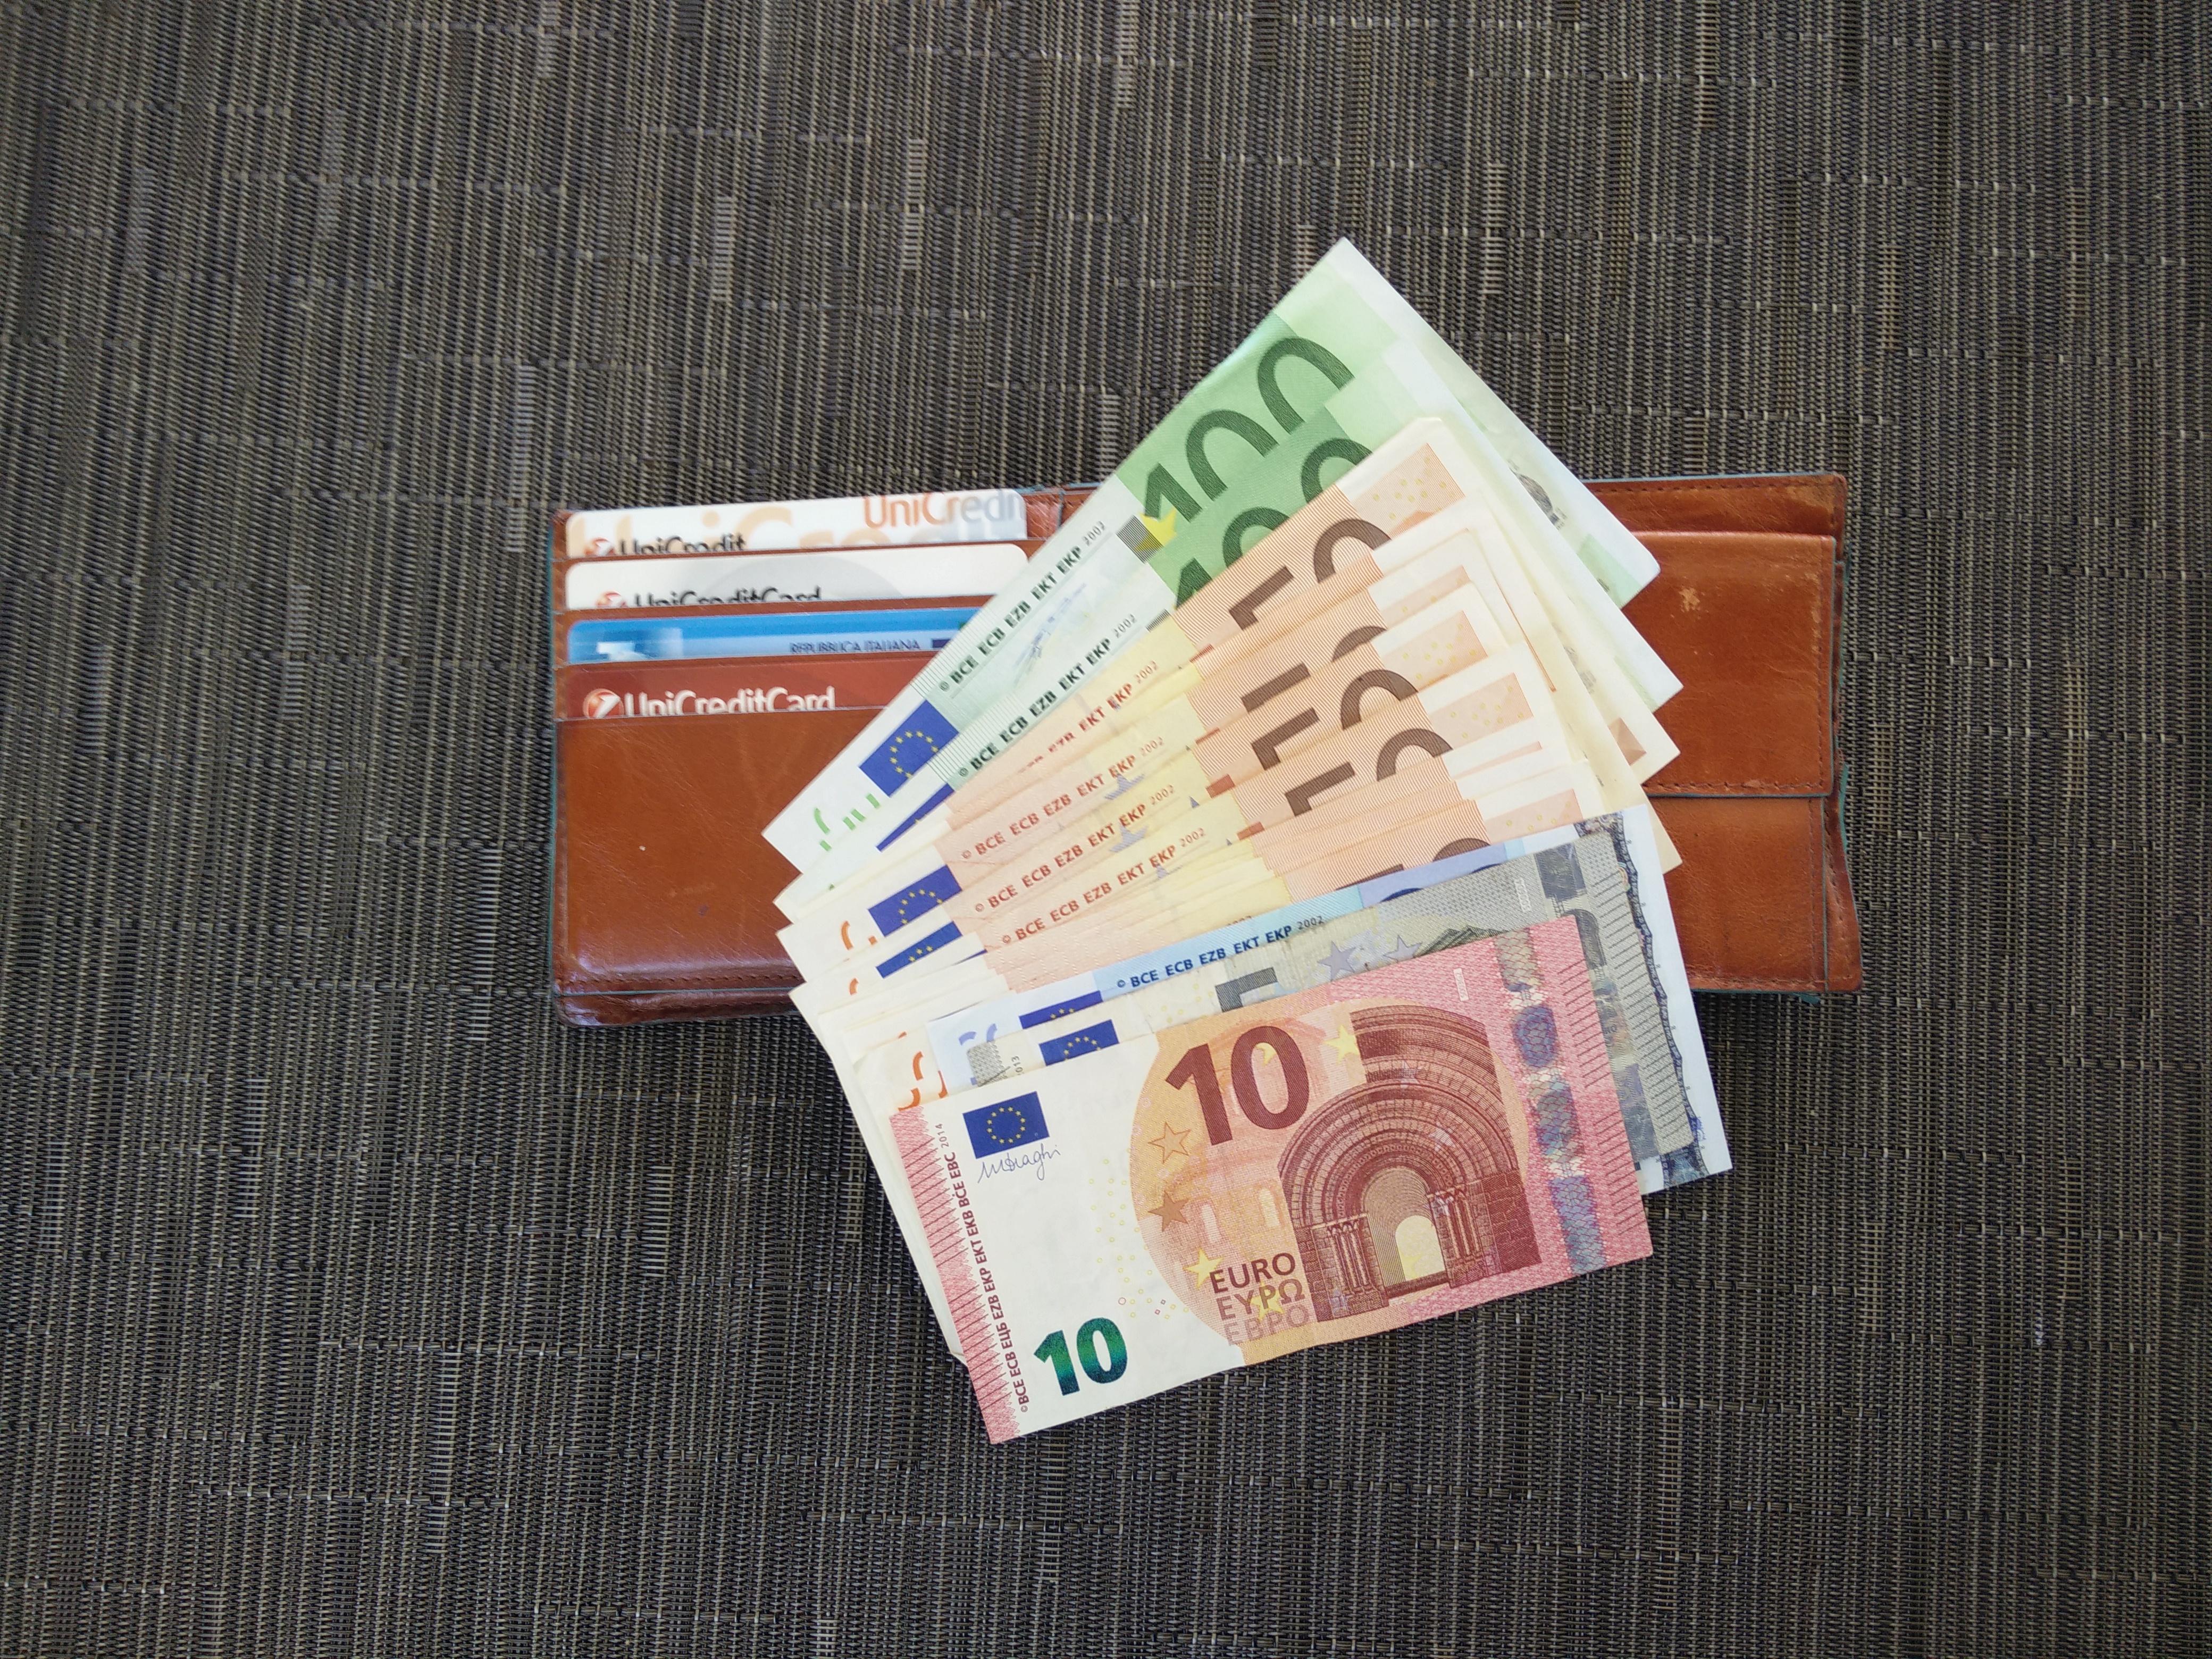 nuovo stile ccf02 22998 portafoglio soldi - Spoltore Notizie - Spoltore Notizie